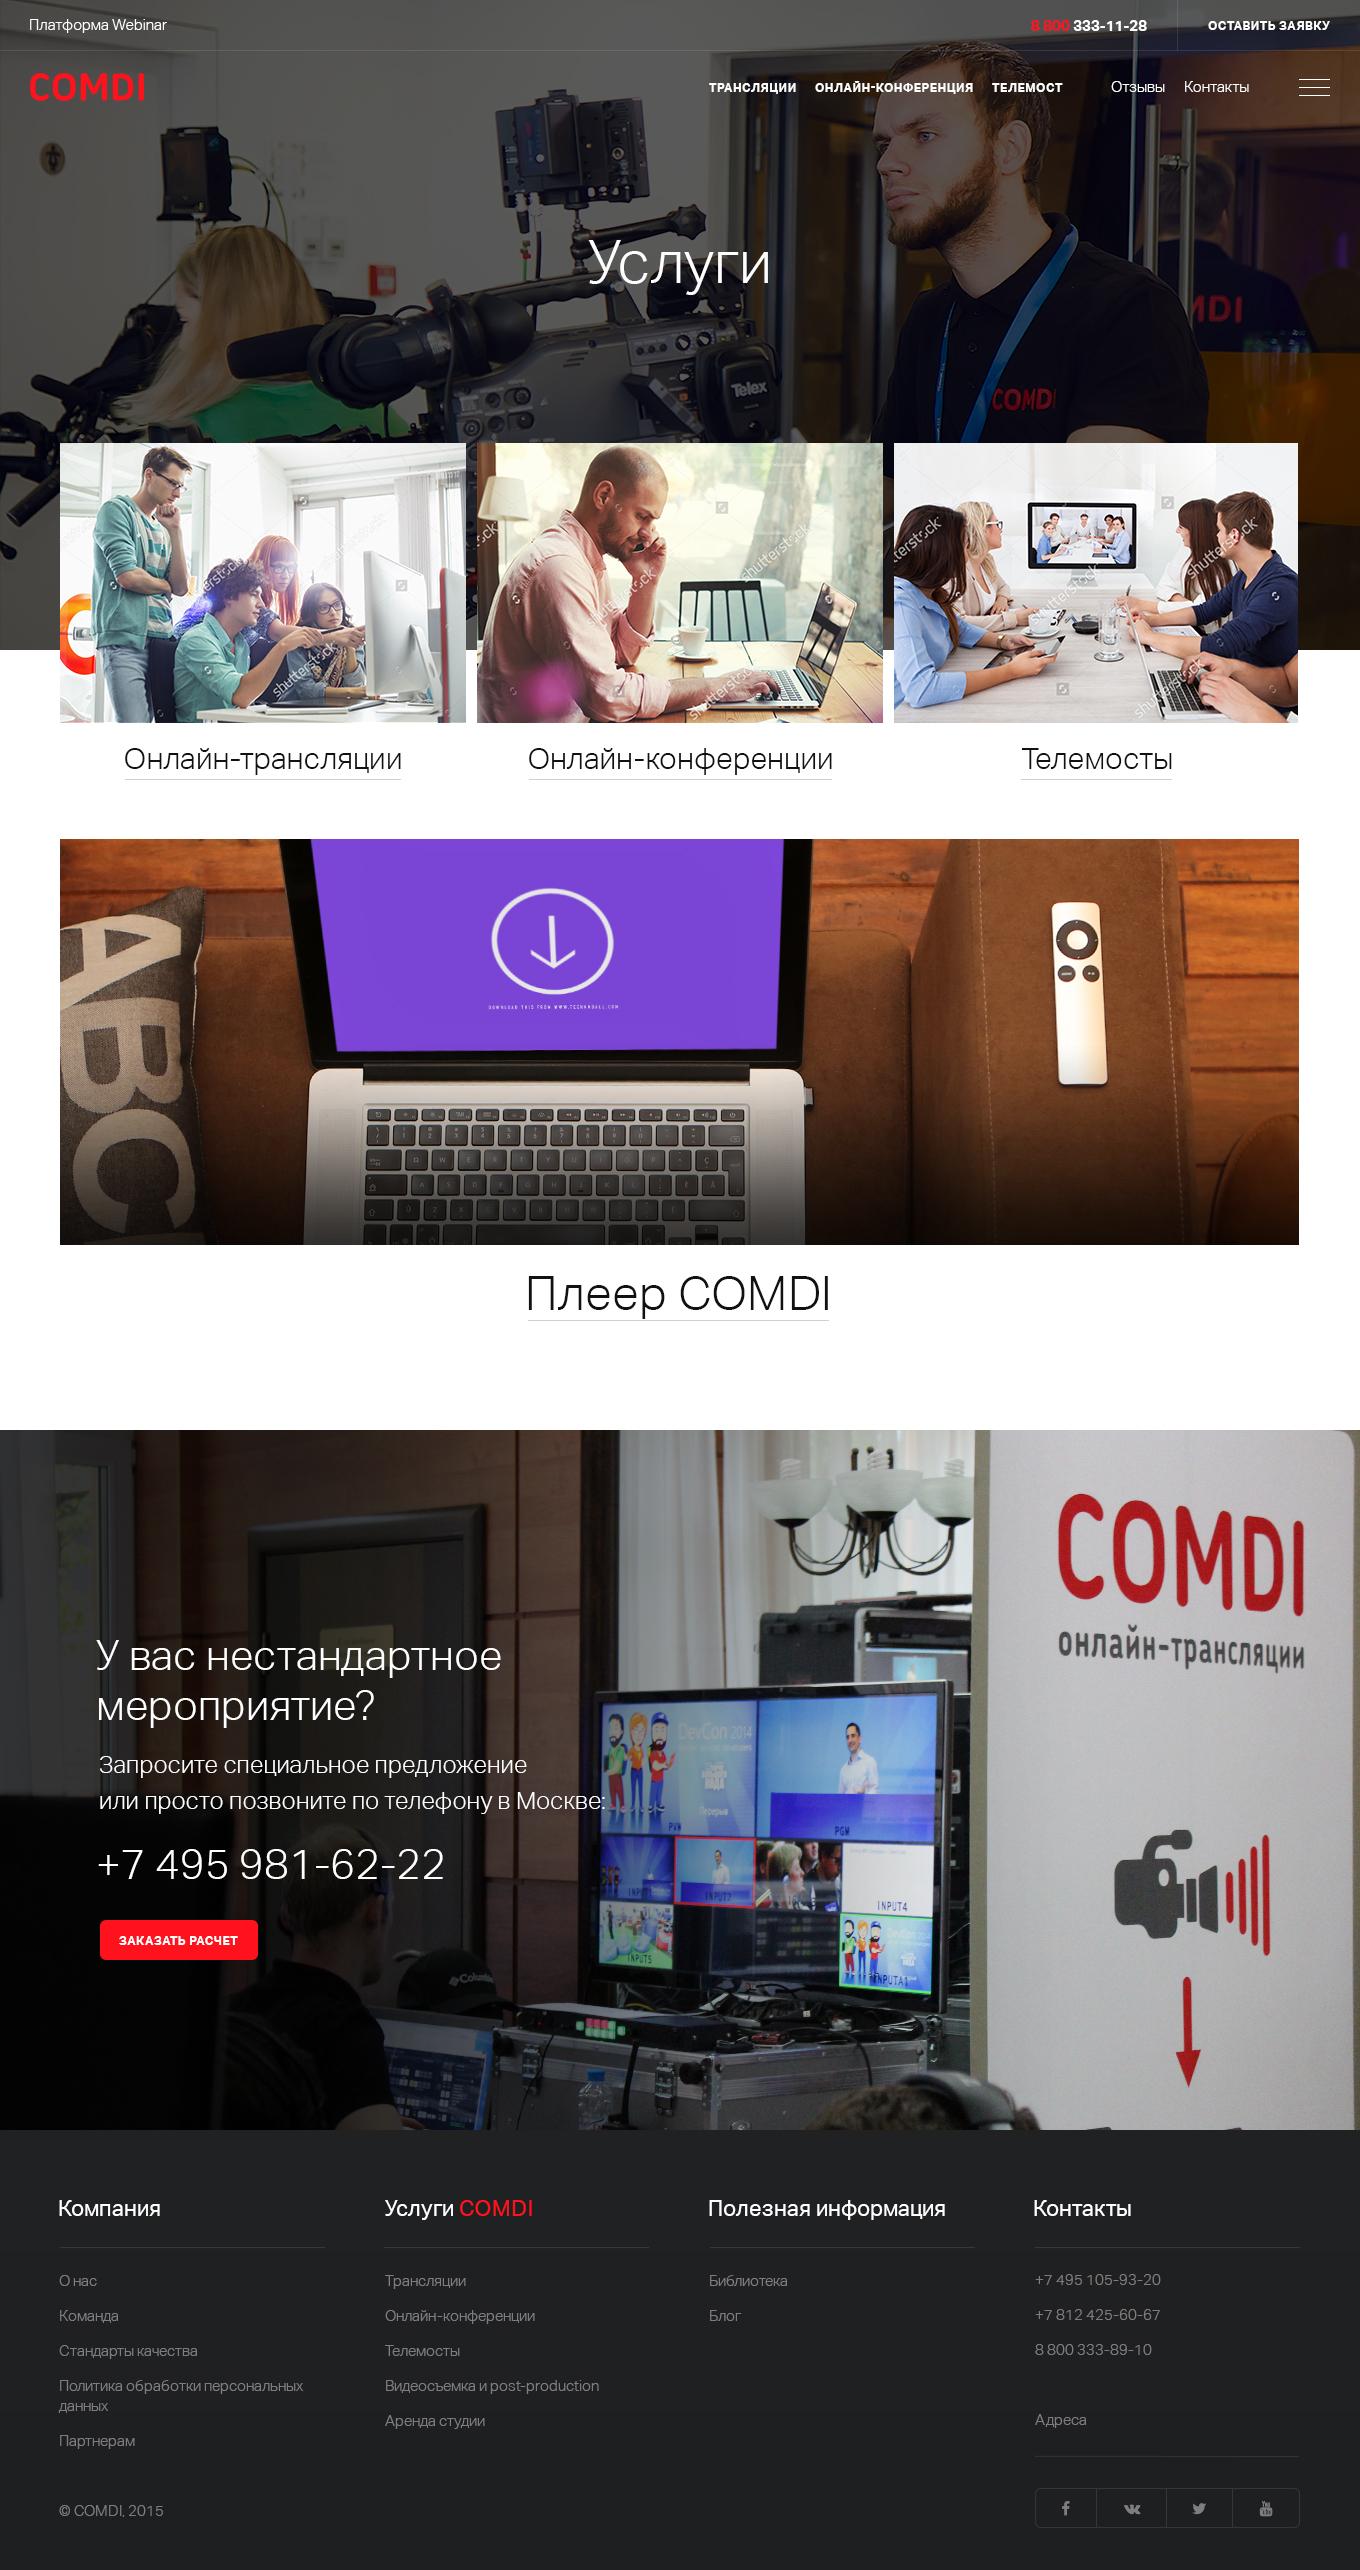 comdi_services